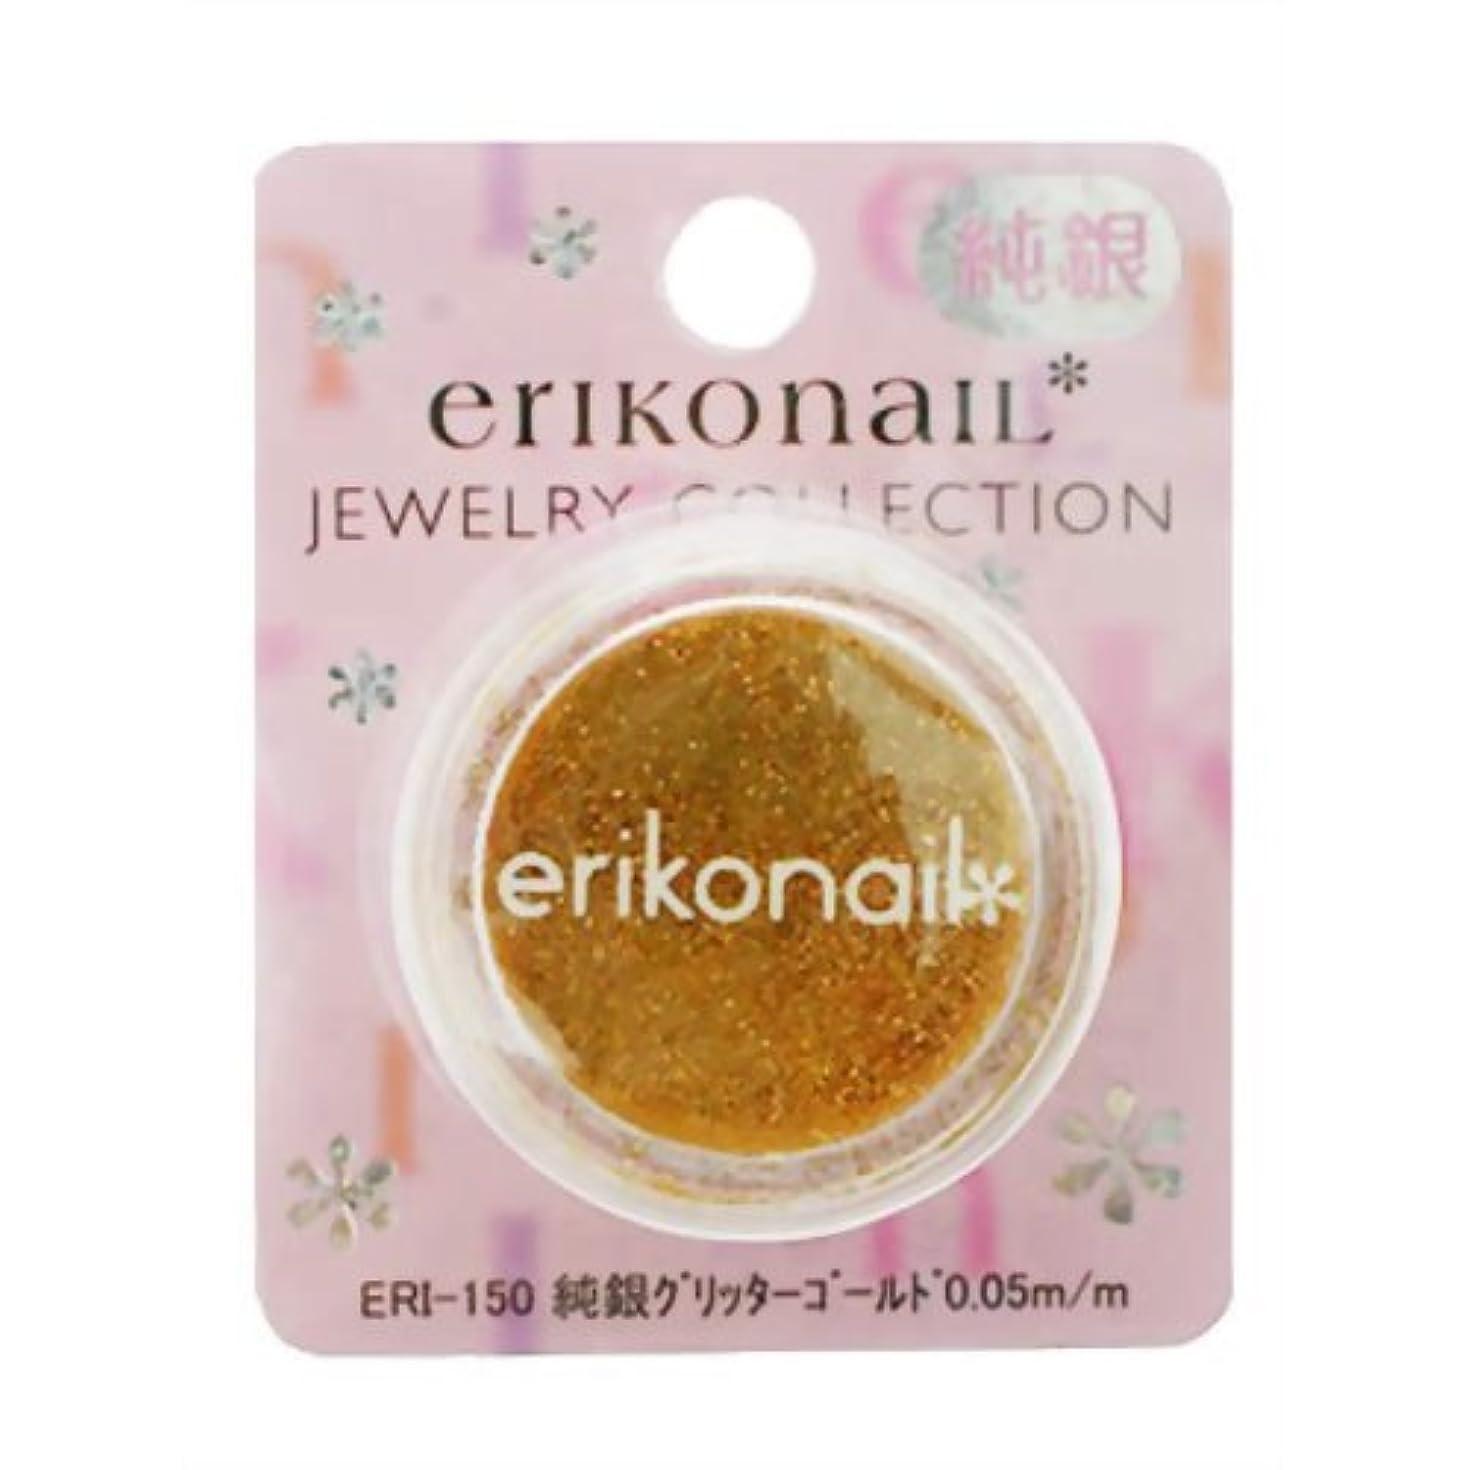 コットン油スイッチ黒崎えり子 エリコネイル ジュエリーコレクション ERI-150 純銀グリッターゴールド0.05